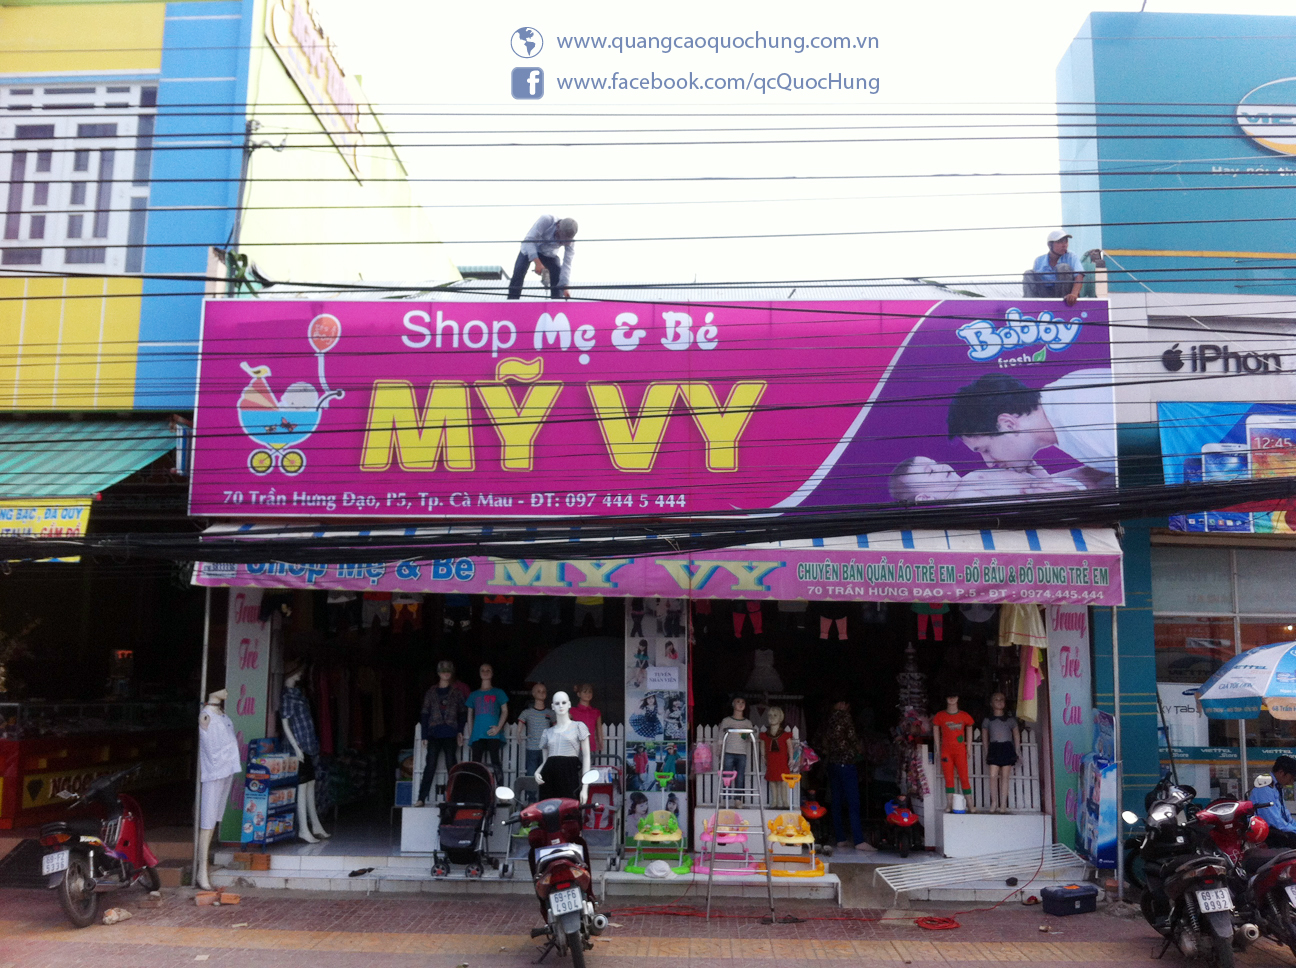 Shop Mẹ Và Bé Mỹ Vy